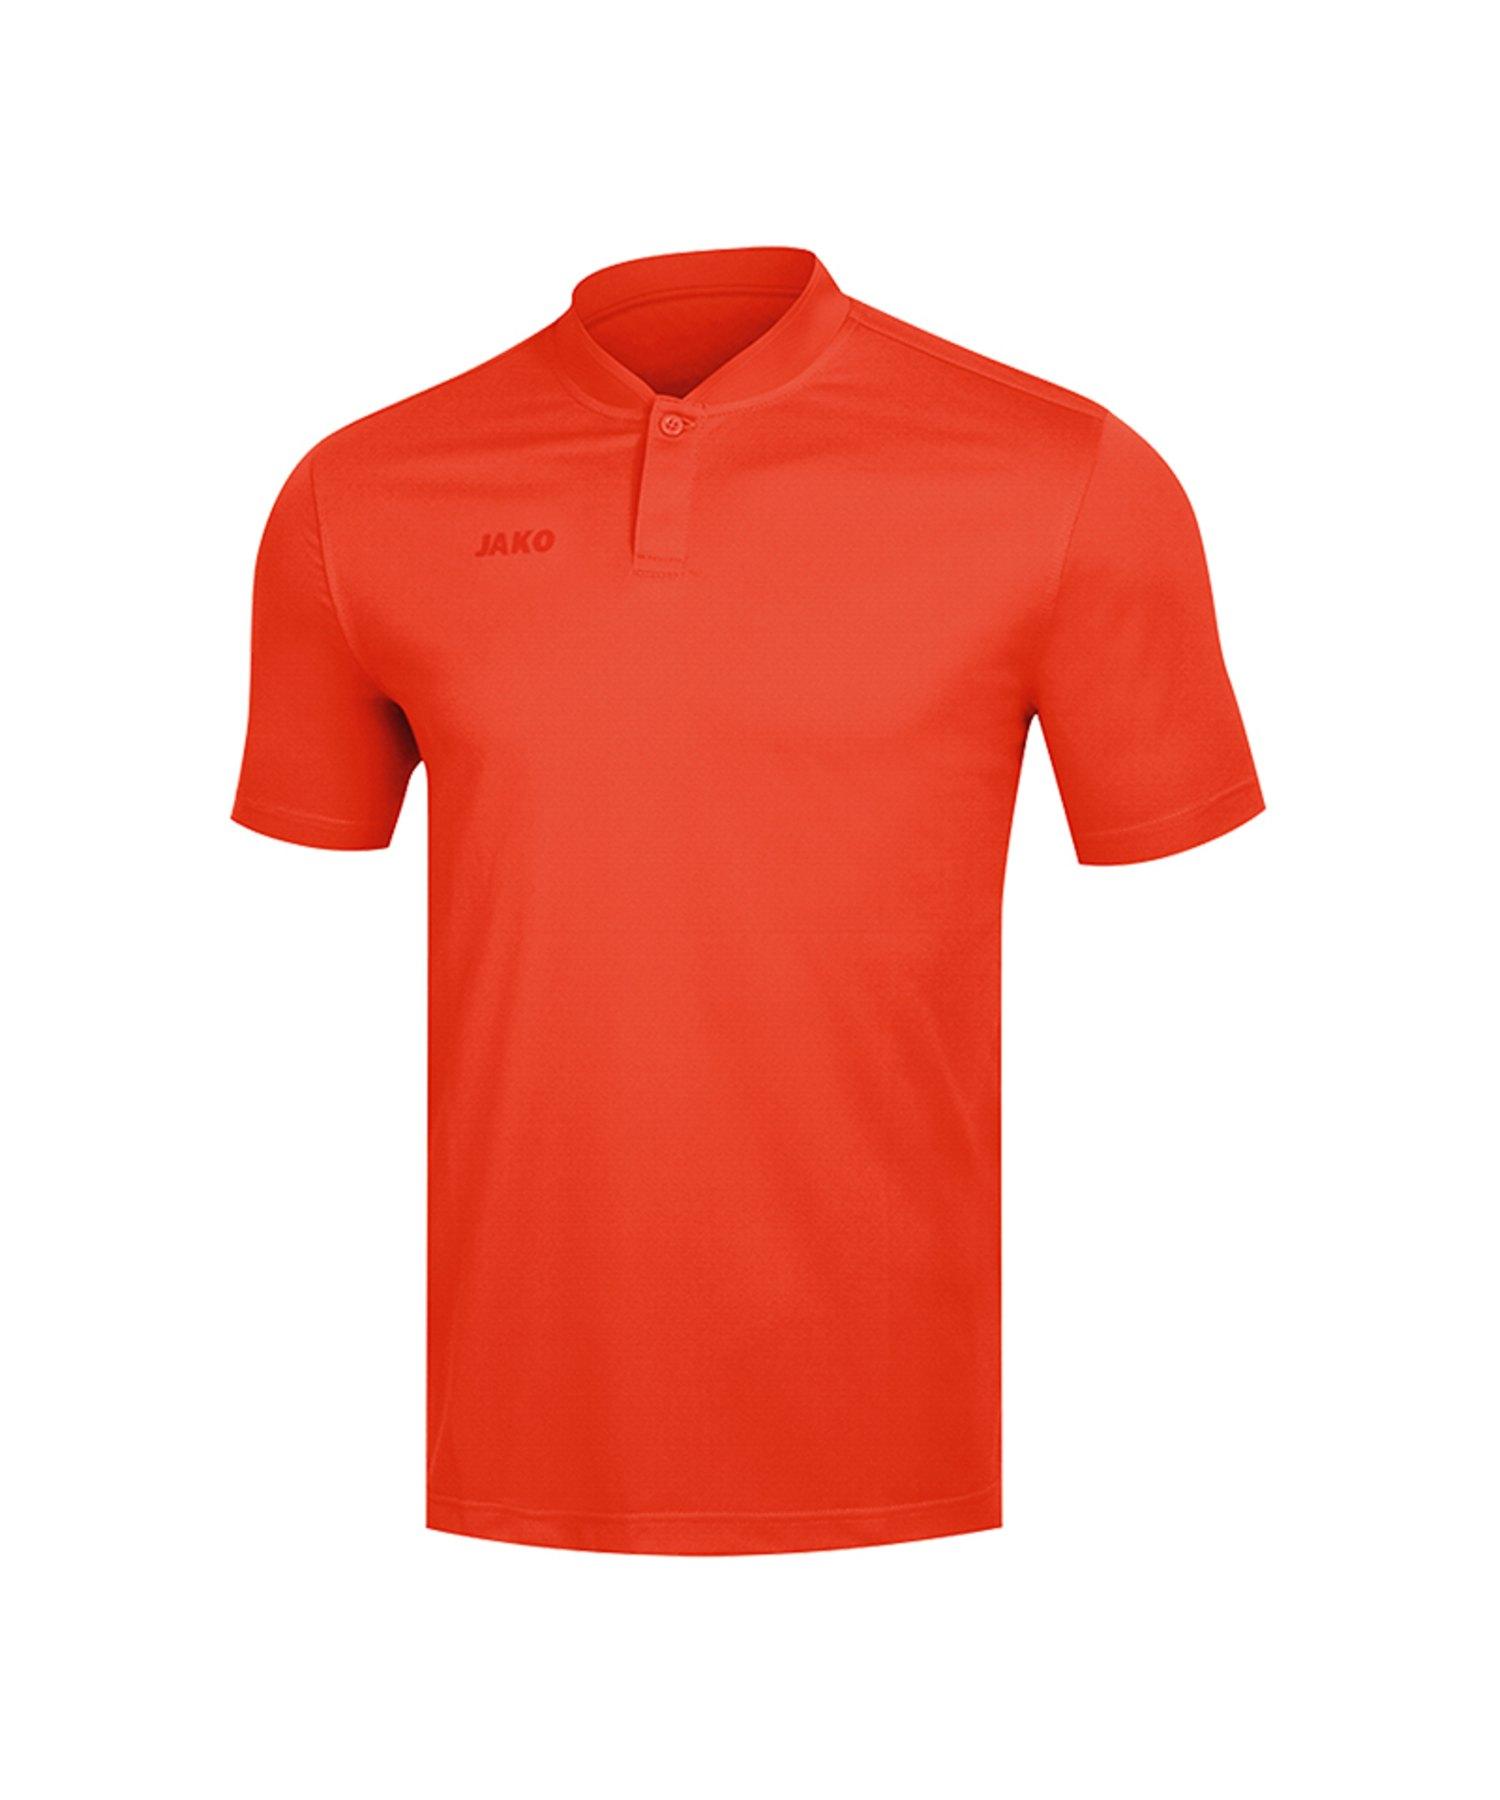 Jako Prestige Poloshirt Damen Orange F18 - Orange